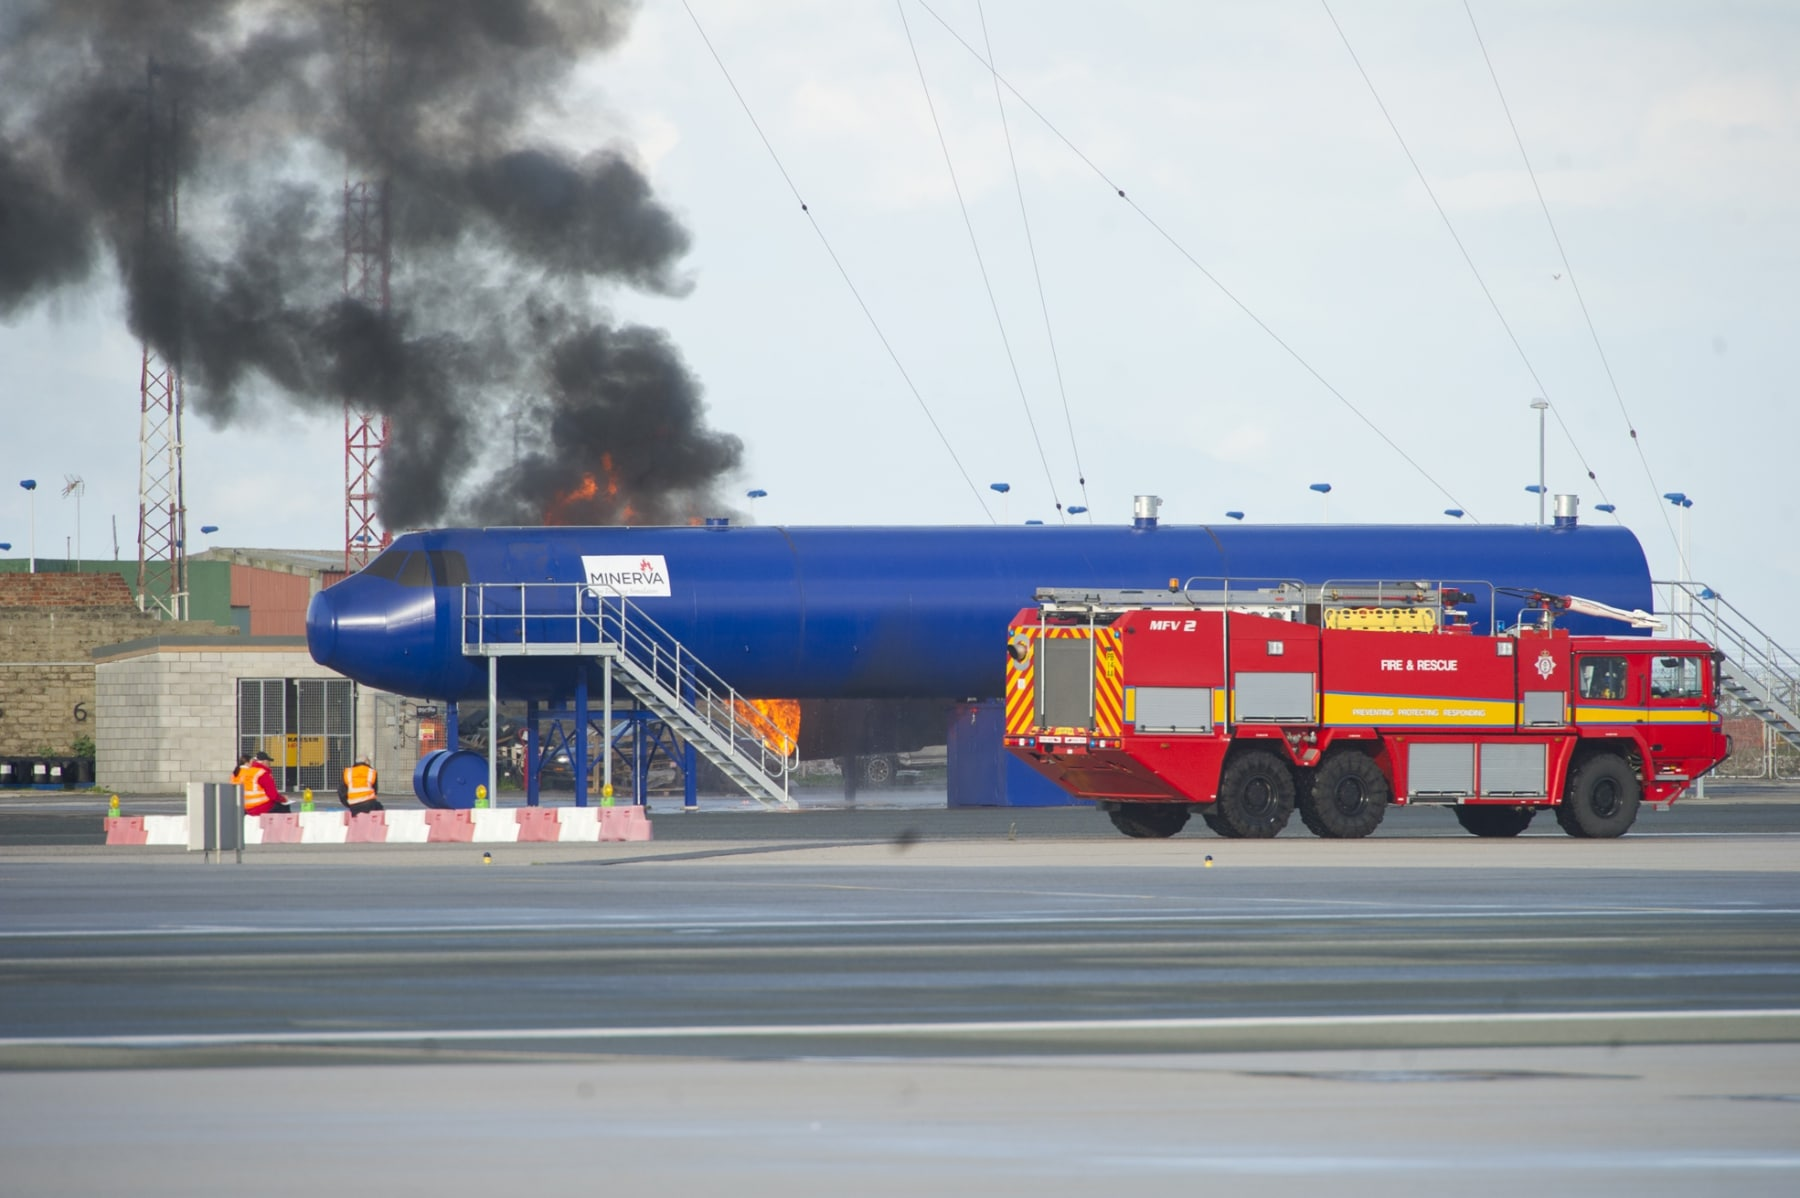 simulacro-accidente-aereo-en-gibraltar-03122014-06_15324305393_o